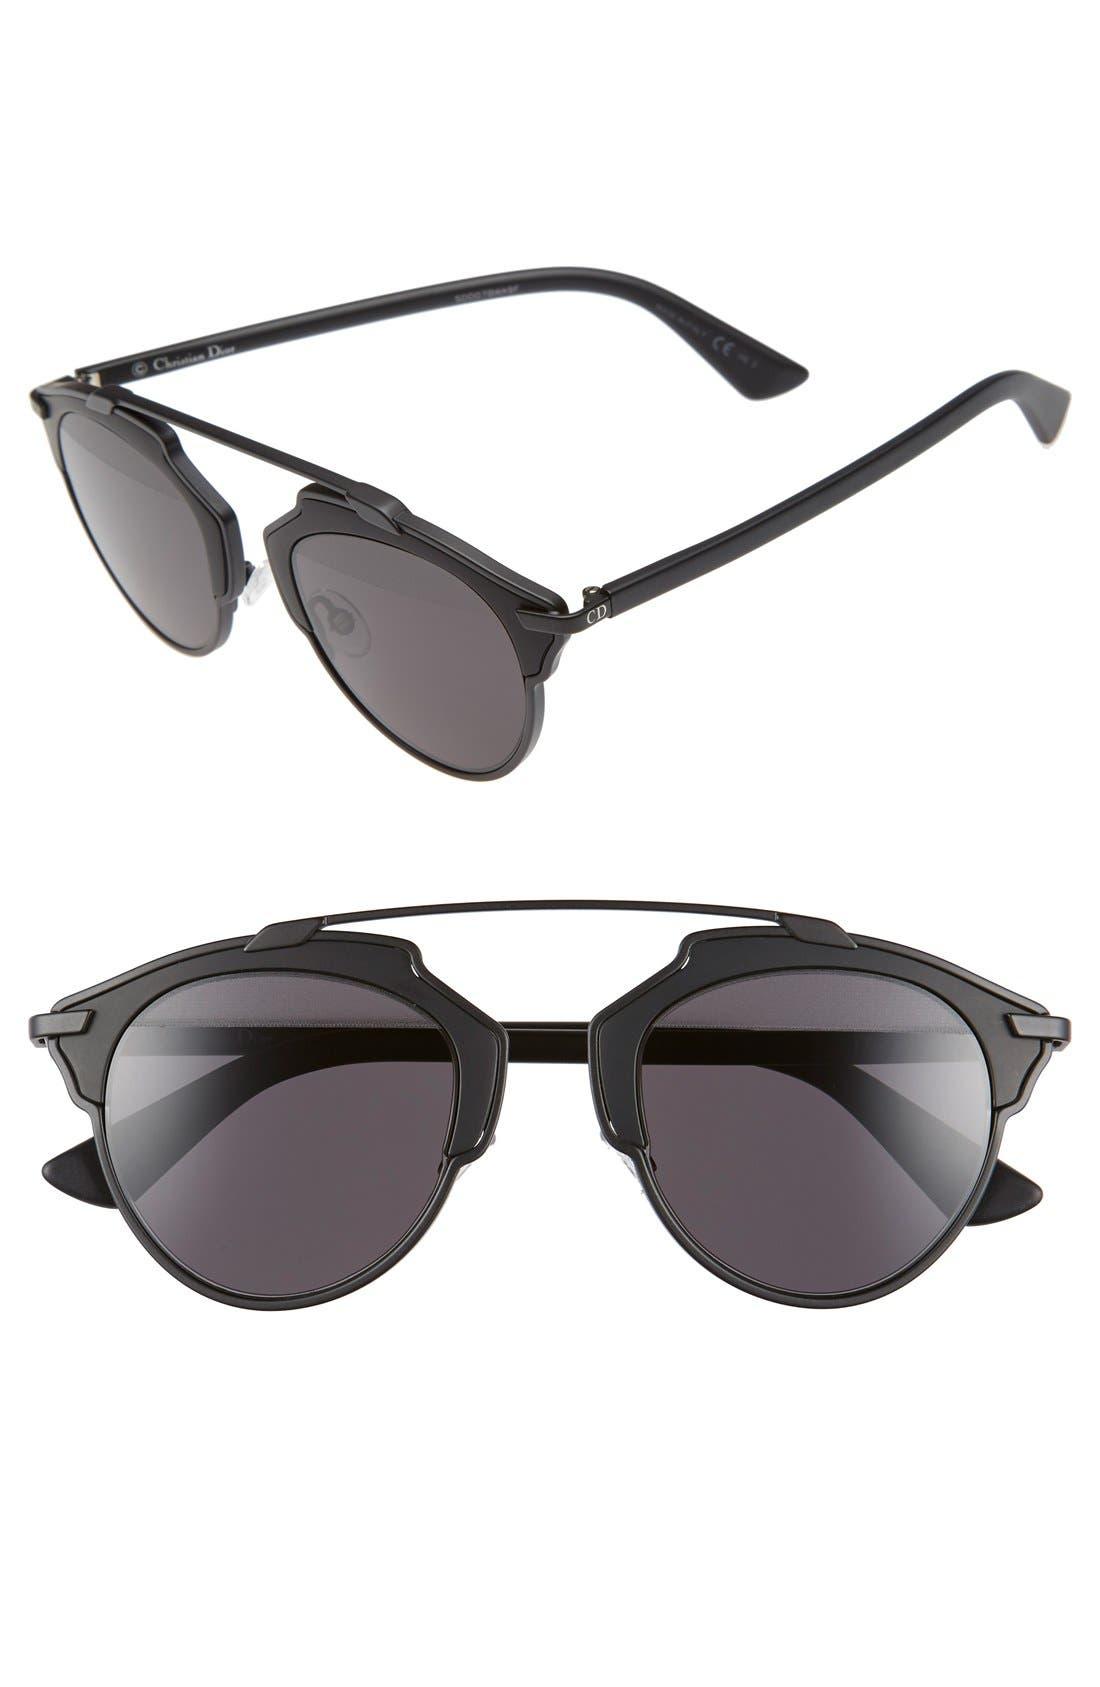 So Real 48mm Brow Bar Sunglasses,                             Main thumbnail 5, color,